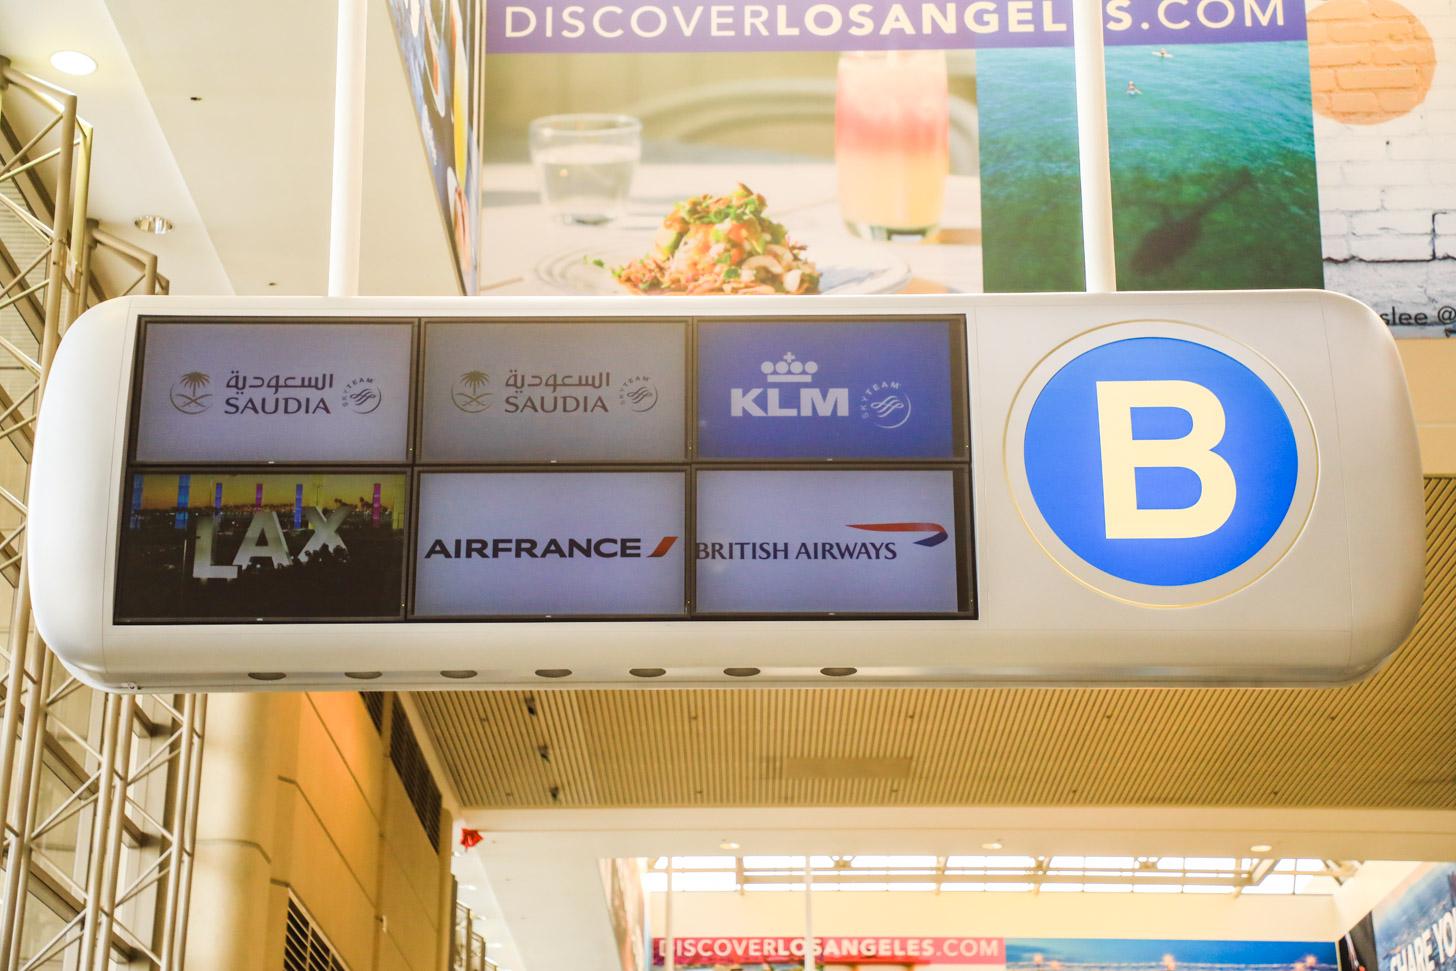 Met andere maatschappijen naar Los Angeles vliegen